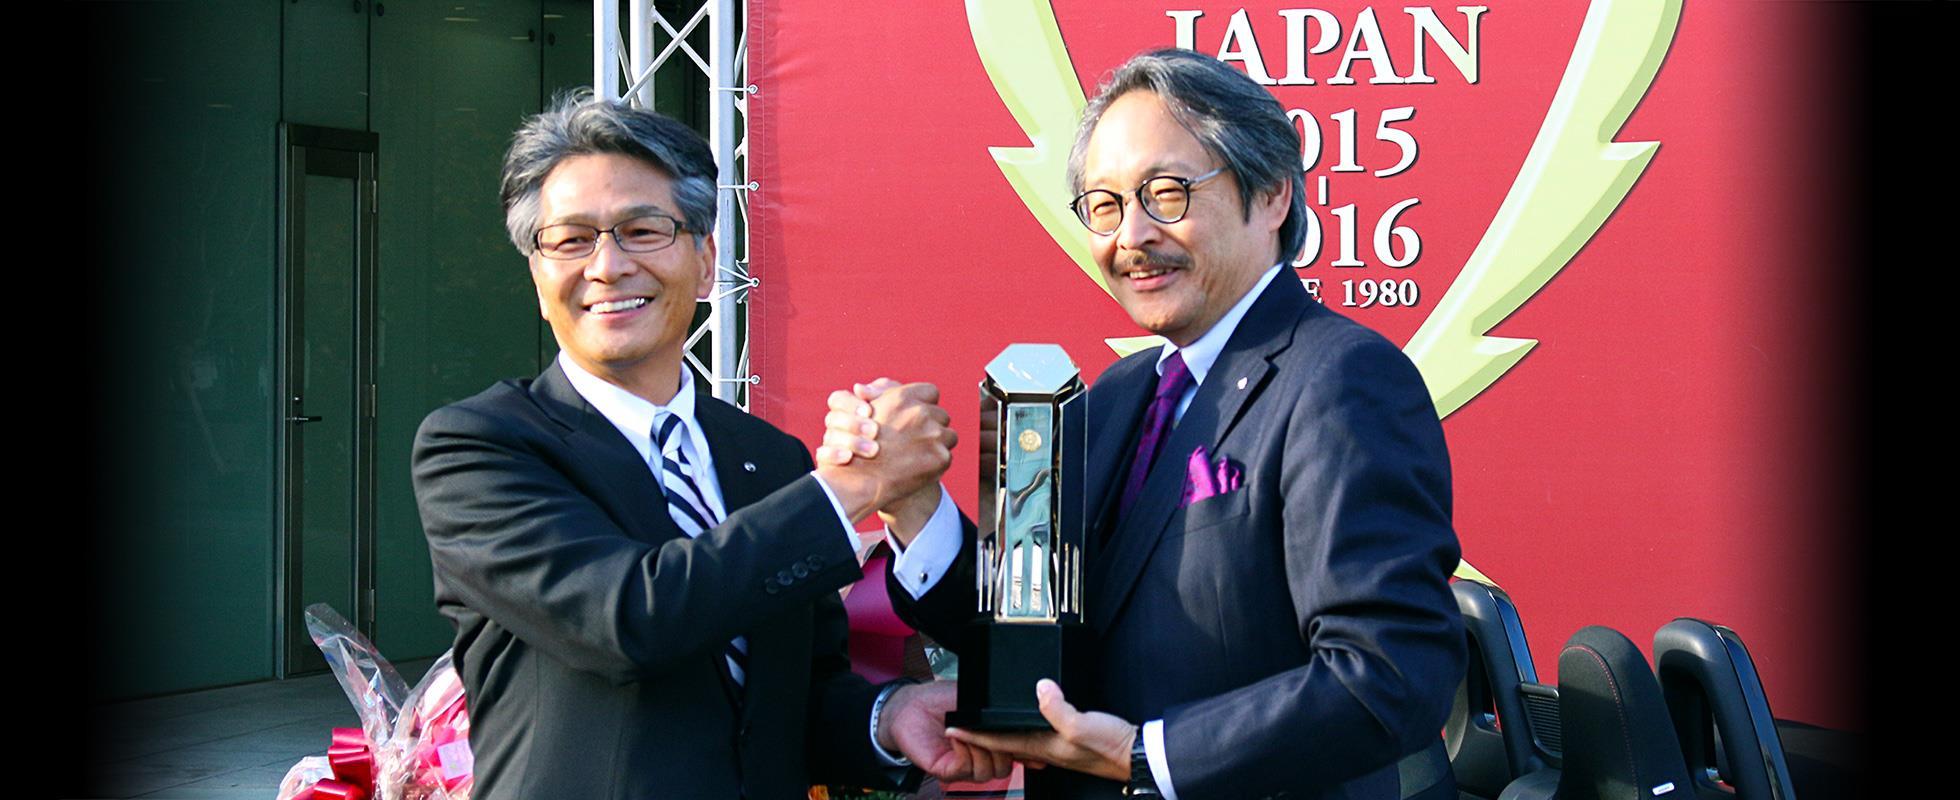 このたび、マツダのロードスターが日本カー・オブ・ザ・イヤーを受賞しました。